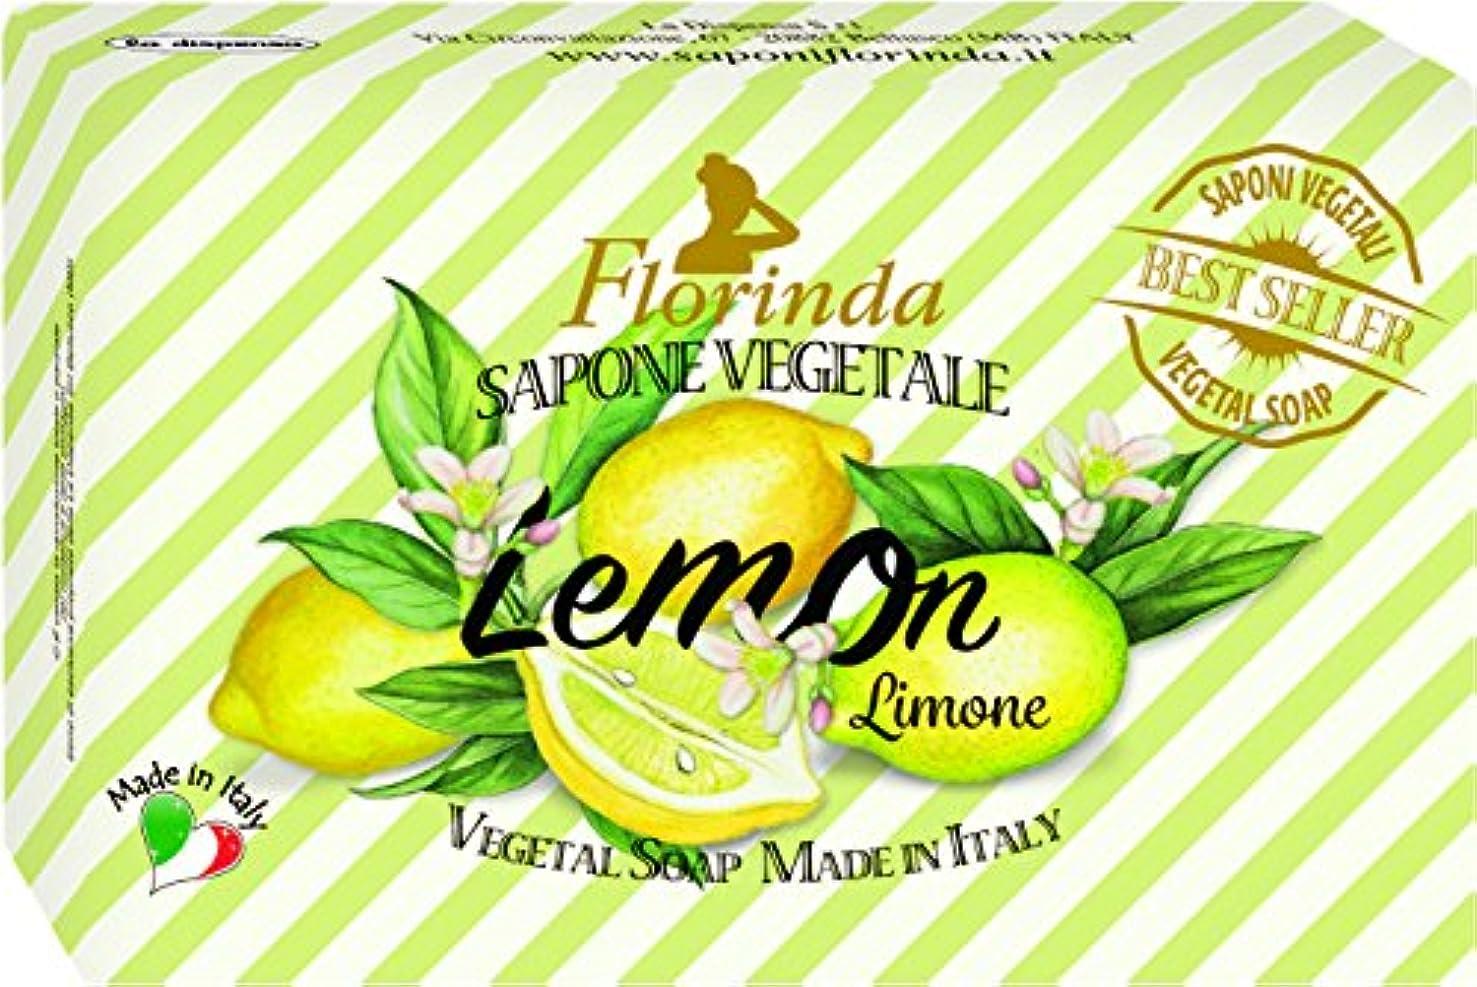 より良い充実反逆フレグランスソープ ベストセラーシリーズ レモン